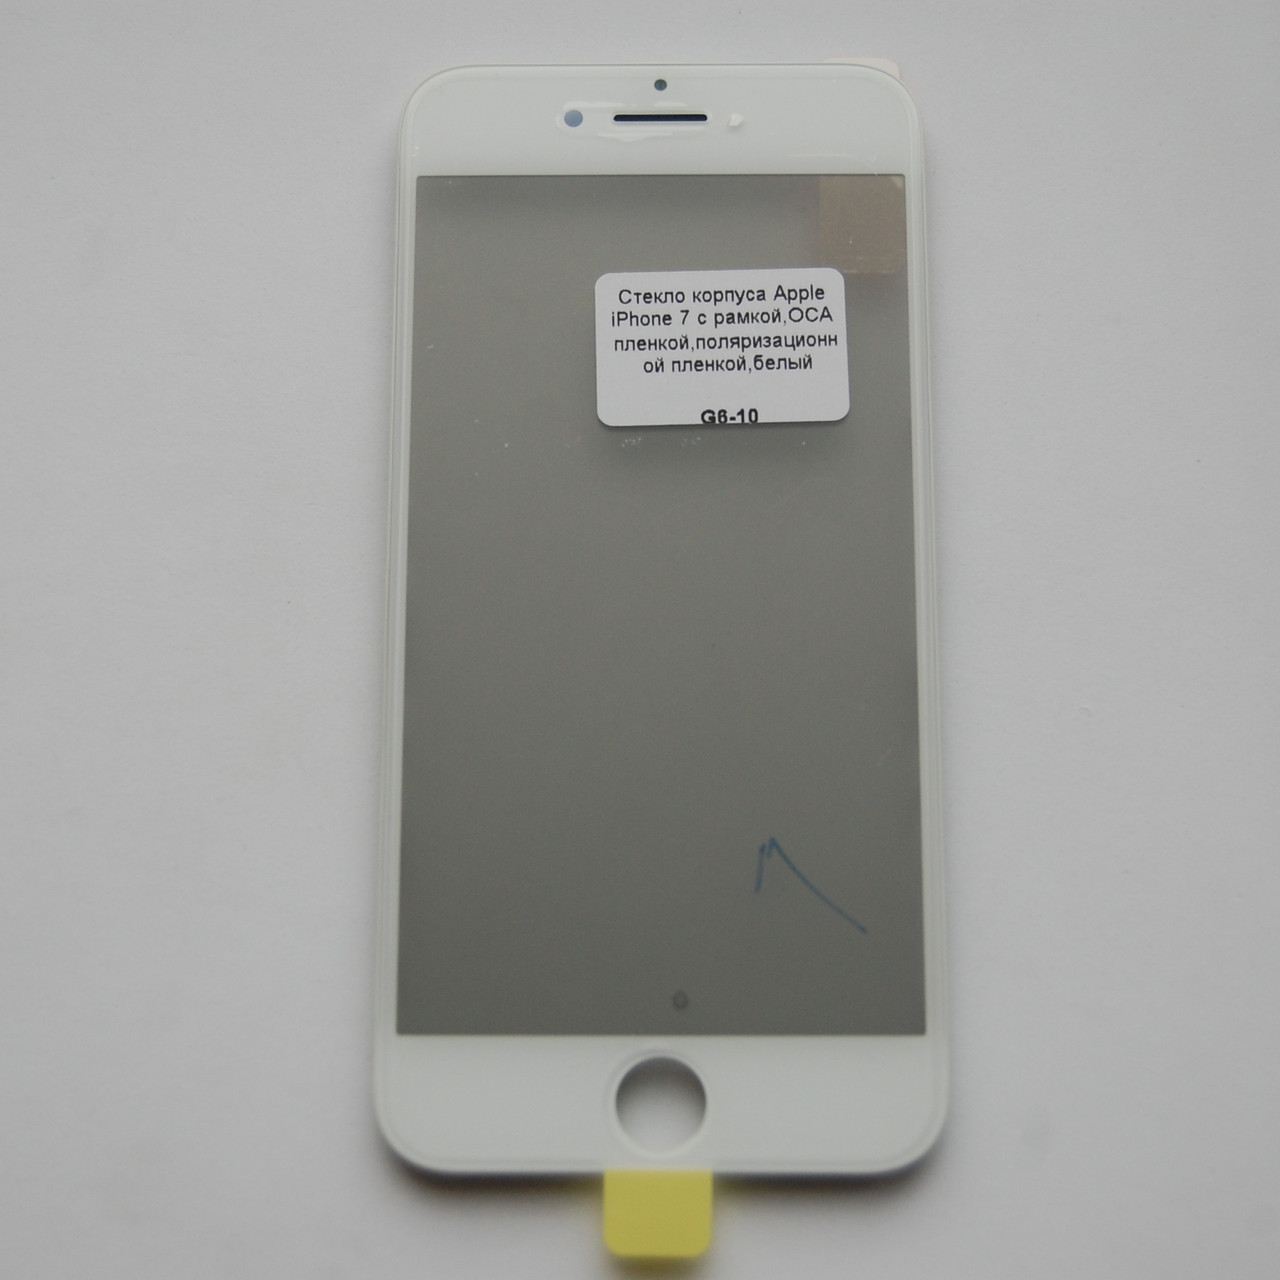 Скло корпуса Apple iPhone 7 з рамкою, OCA плівкою, поляризаційної плівкою White